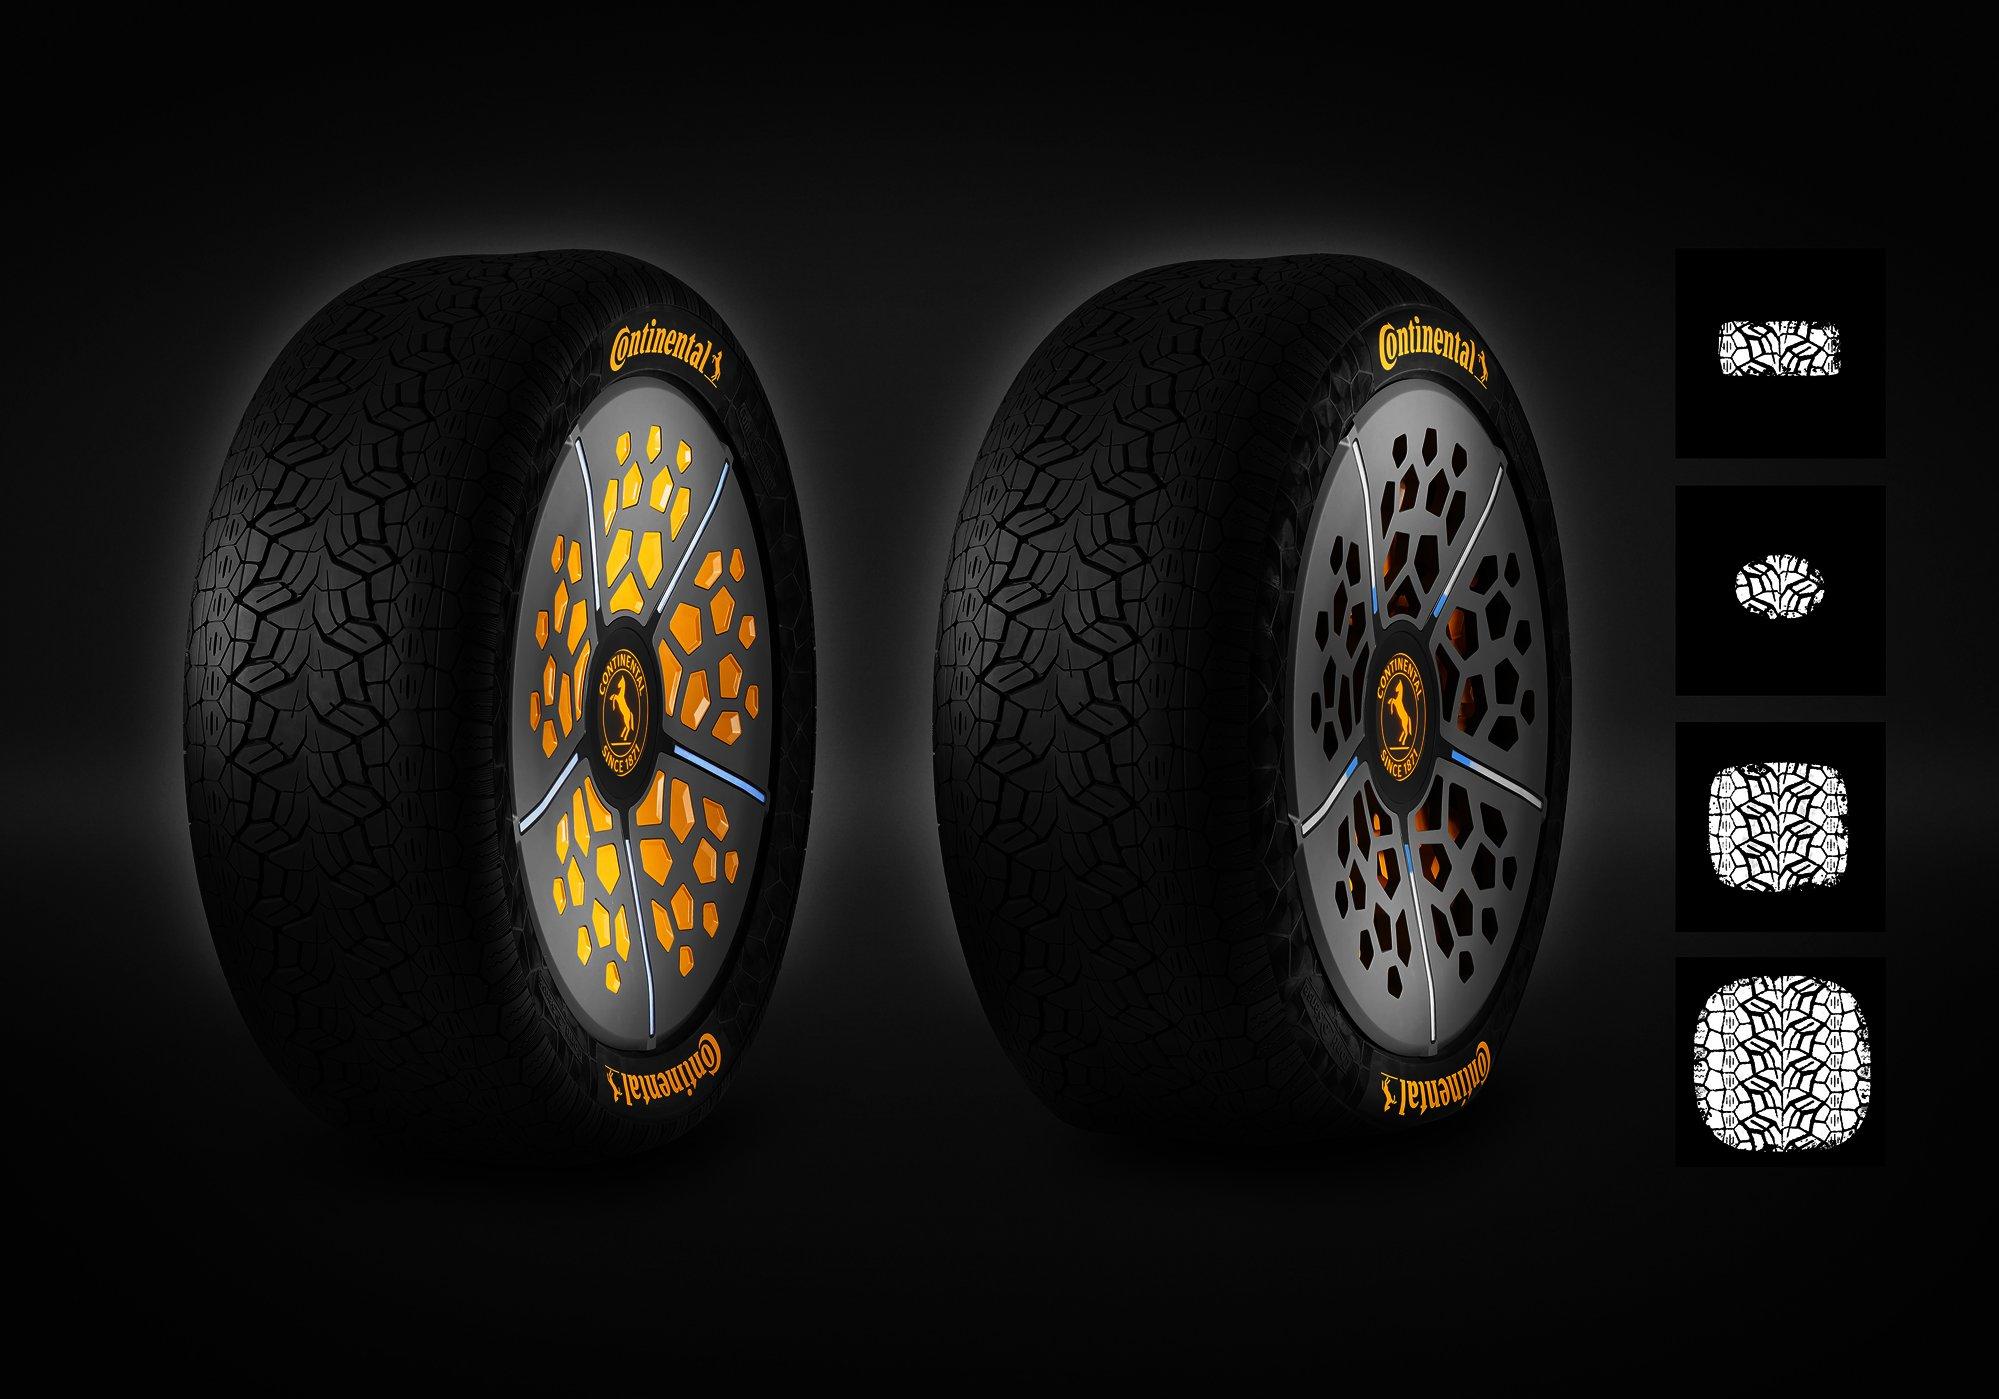 Inteligentní pneumatiky Continentalu